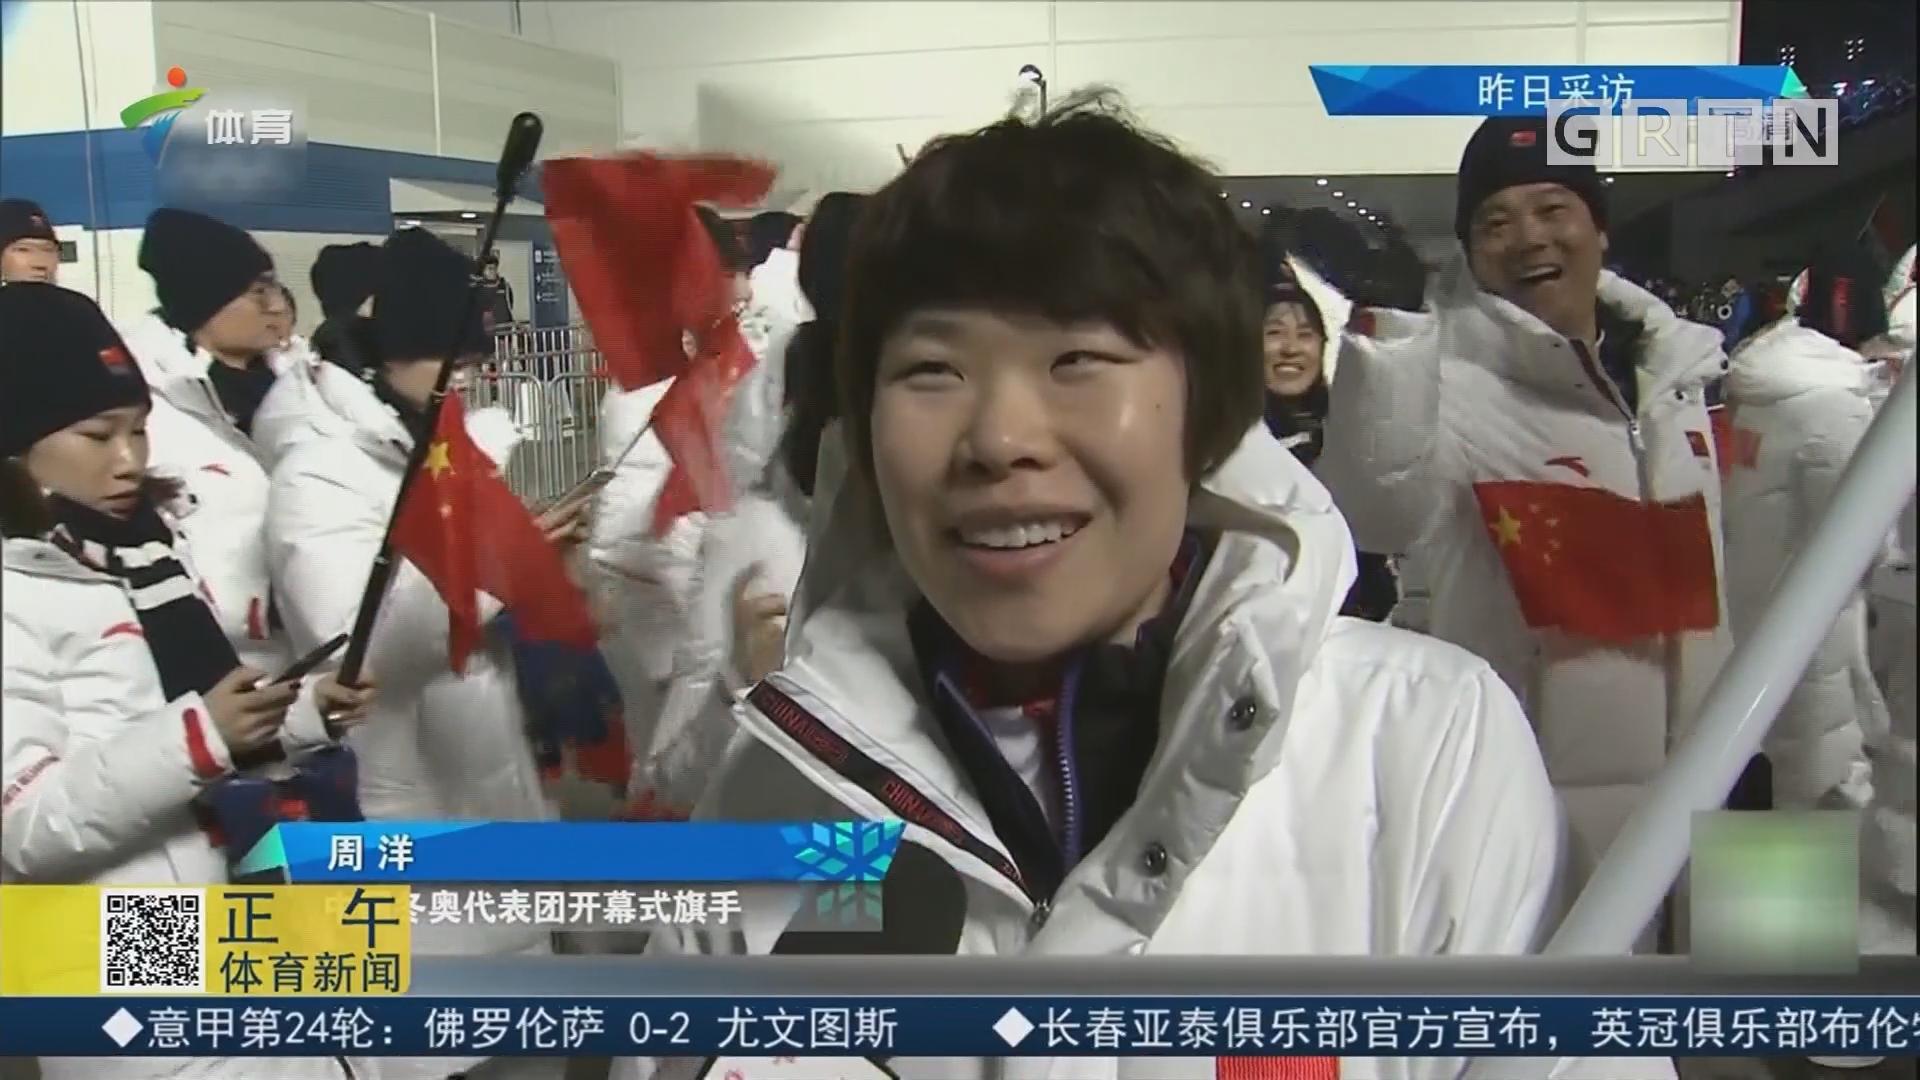 周洋成为中国冬奥历史上第二位女旗手